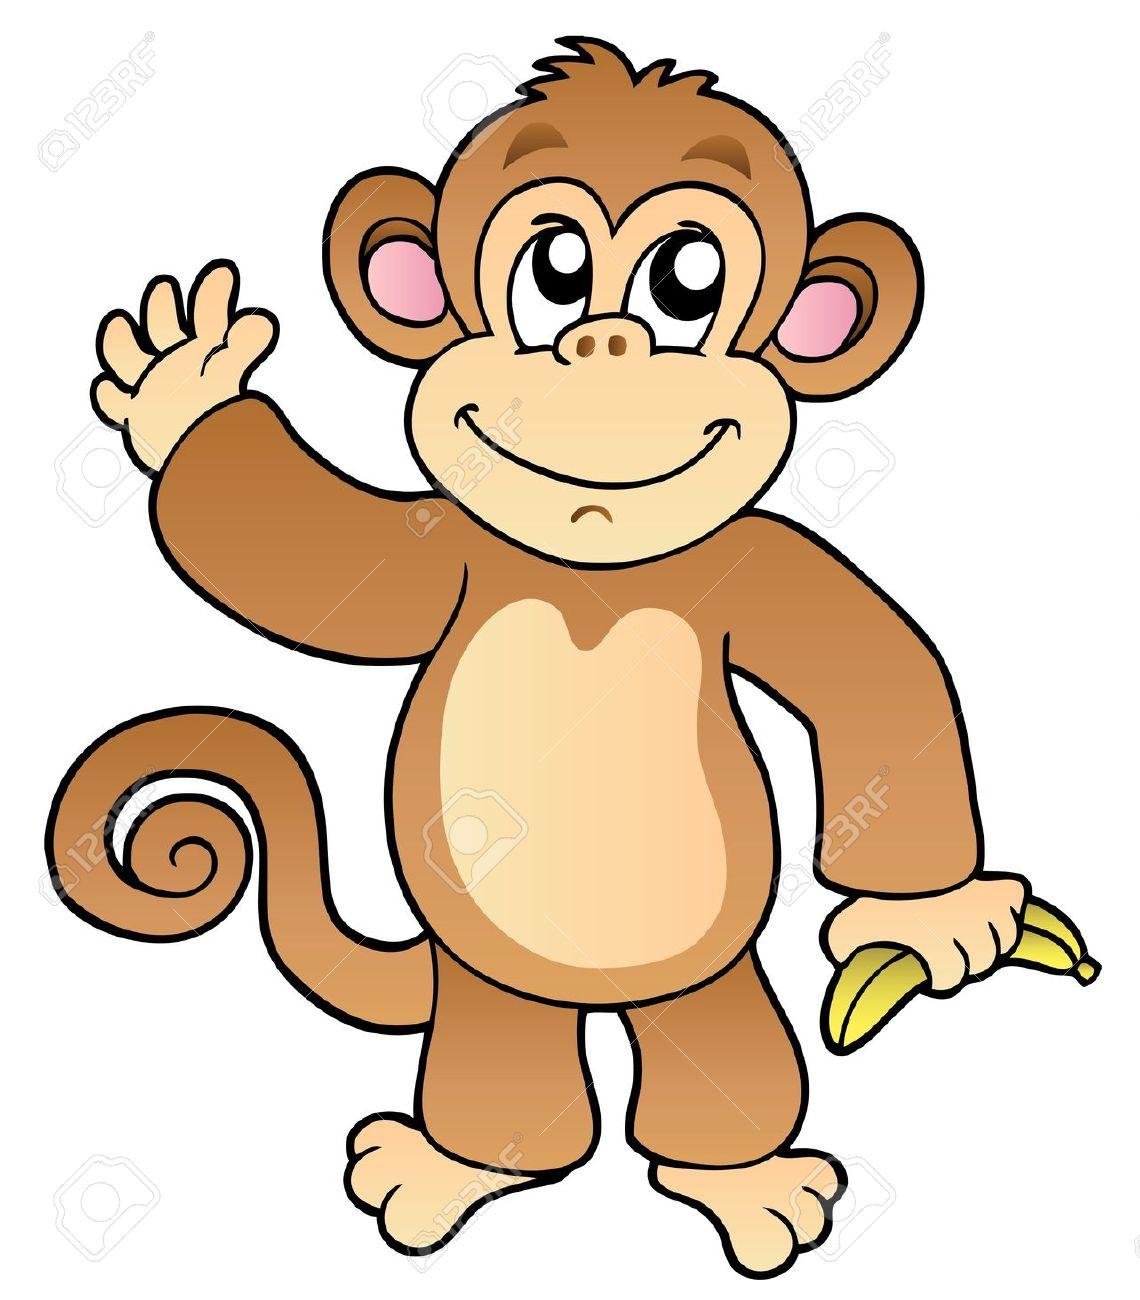 1140x1300 8475508 Cartoon Waving Monkey With Banana Illustration Stock